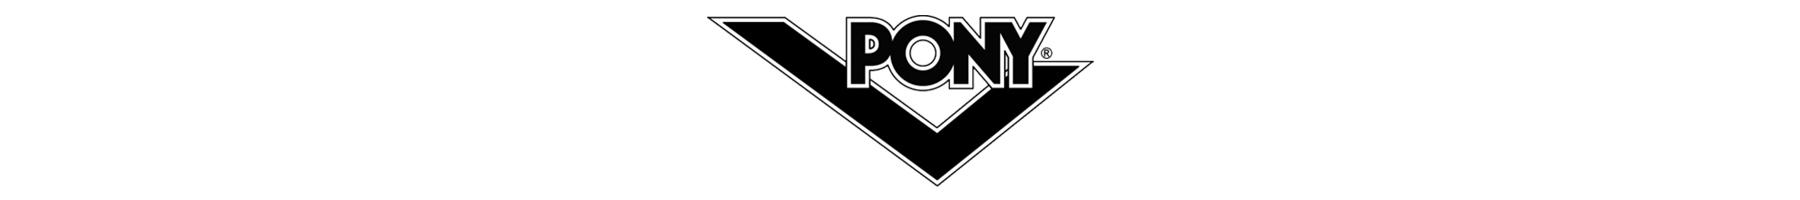 DrJays.com - Pony